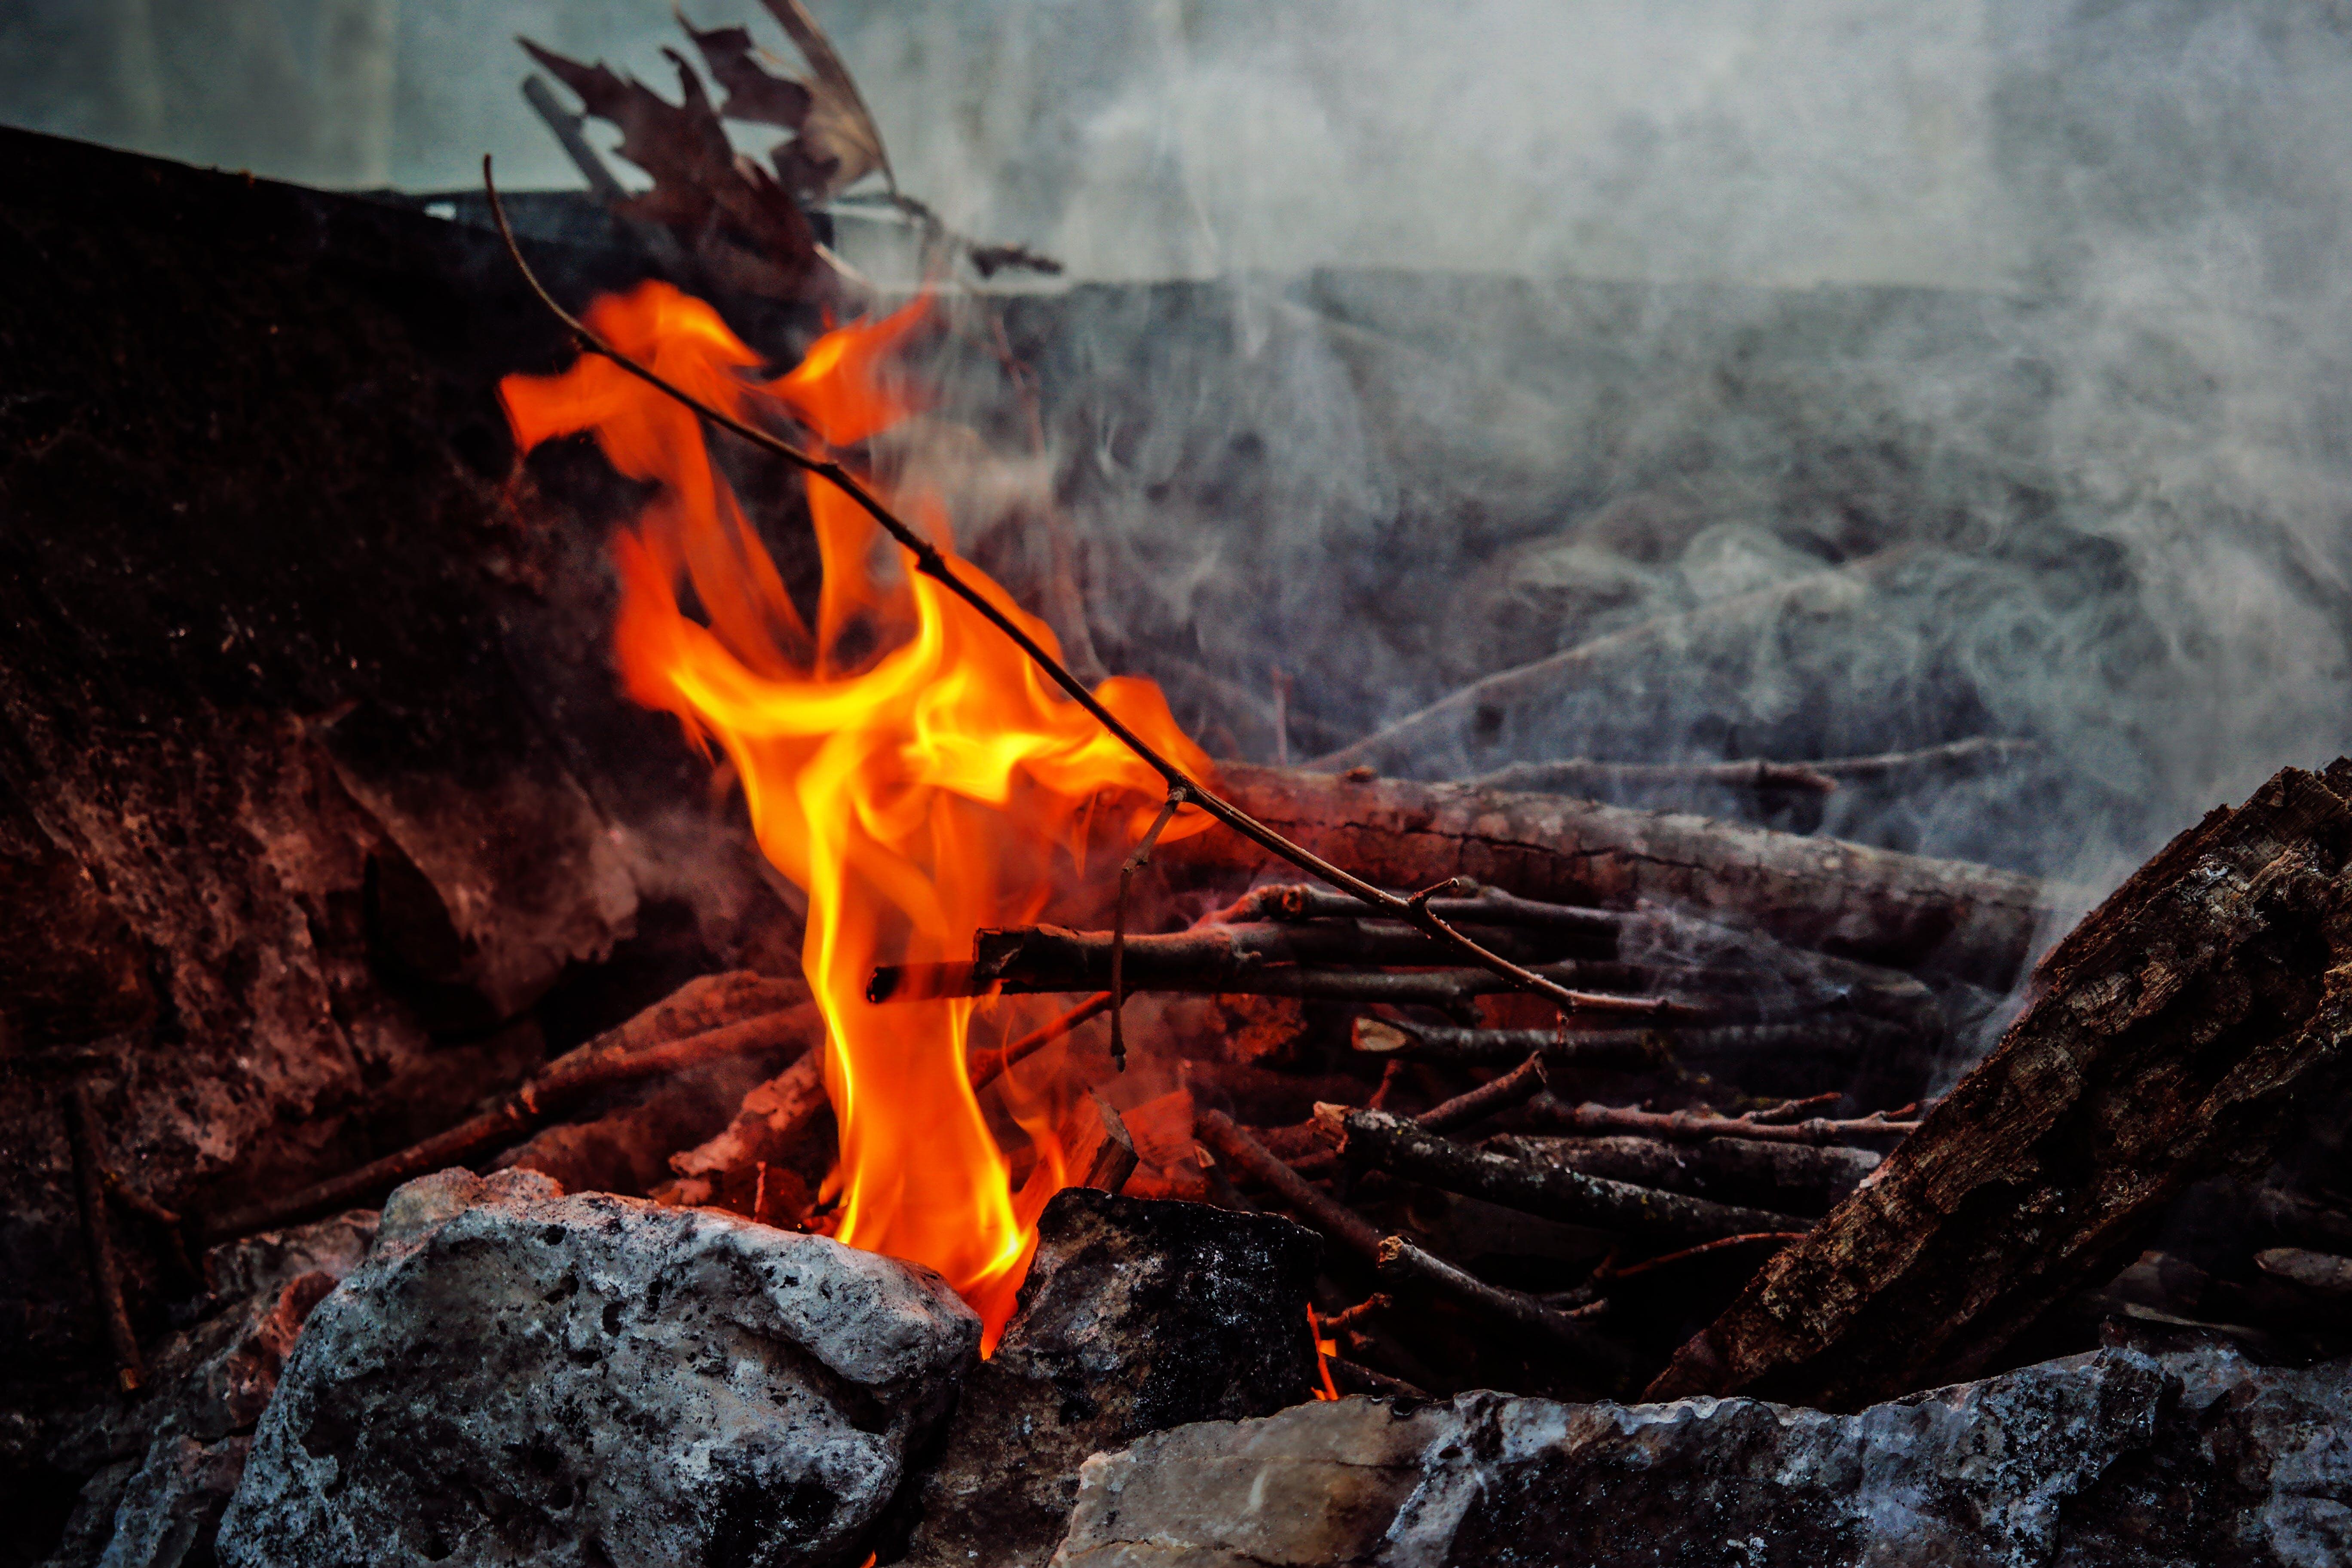 Burning Sticks Beside Rocks